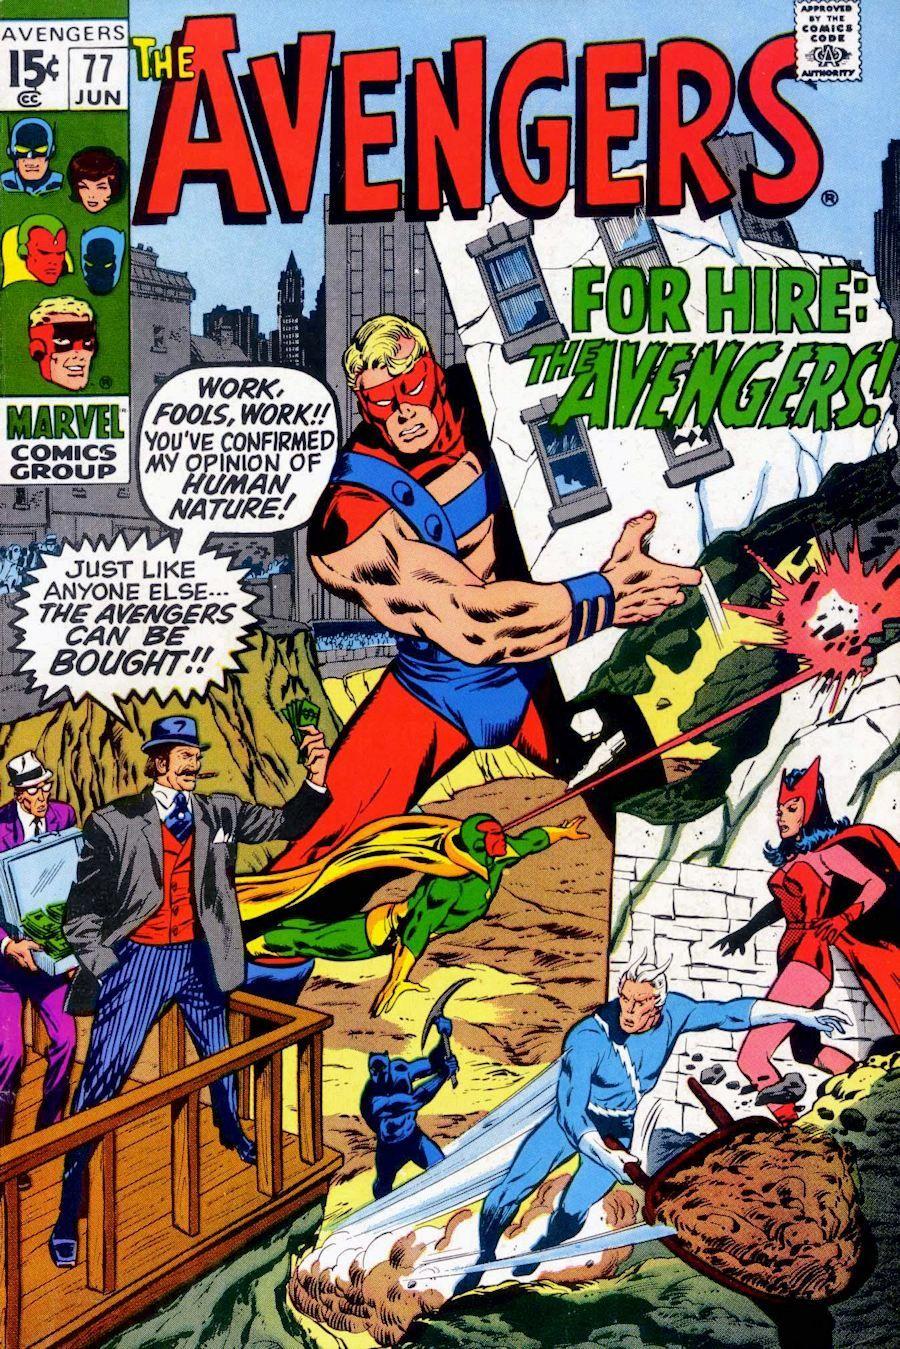 Avengers no 77 comics marvel comic books classic